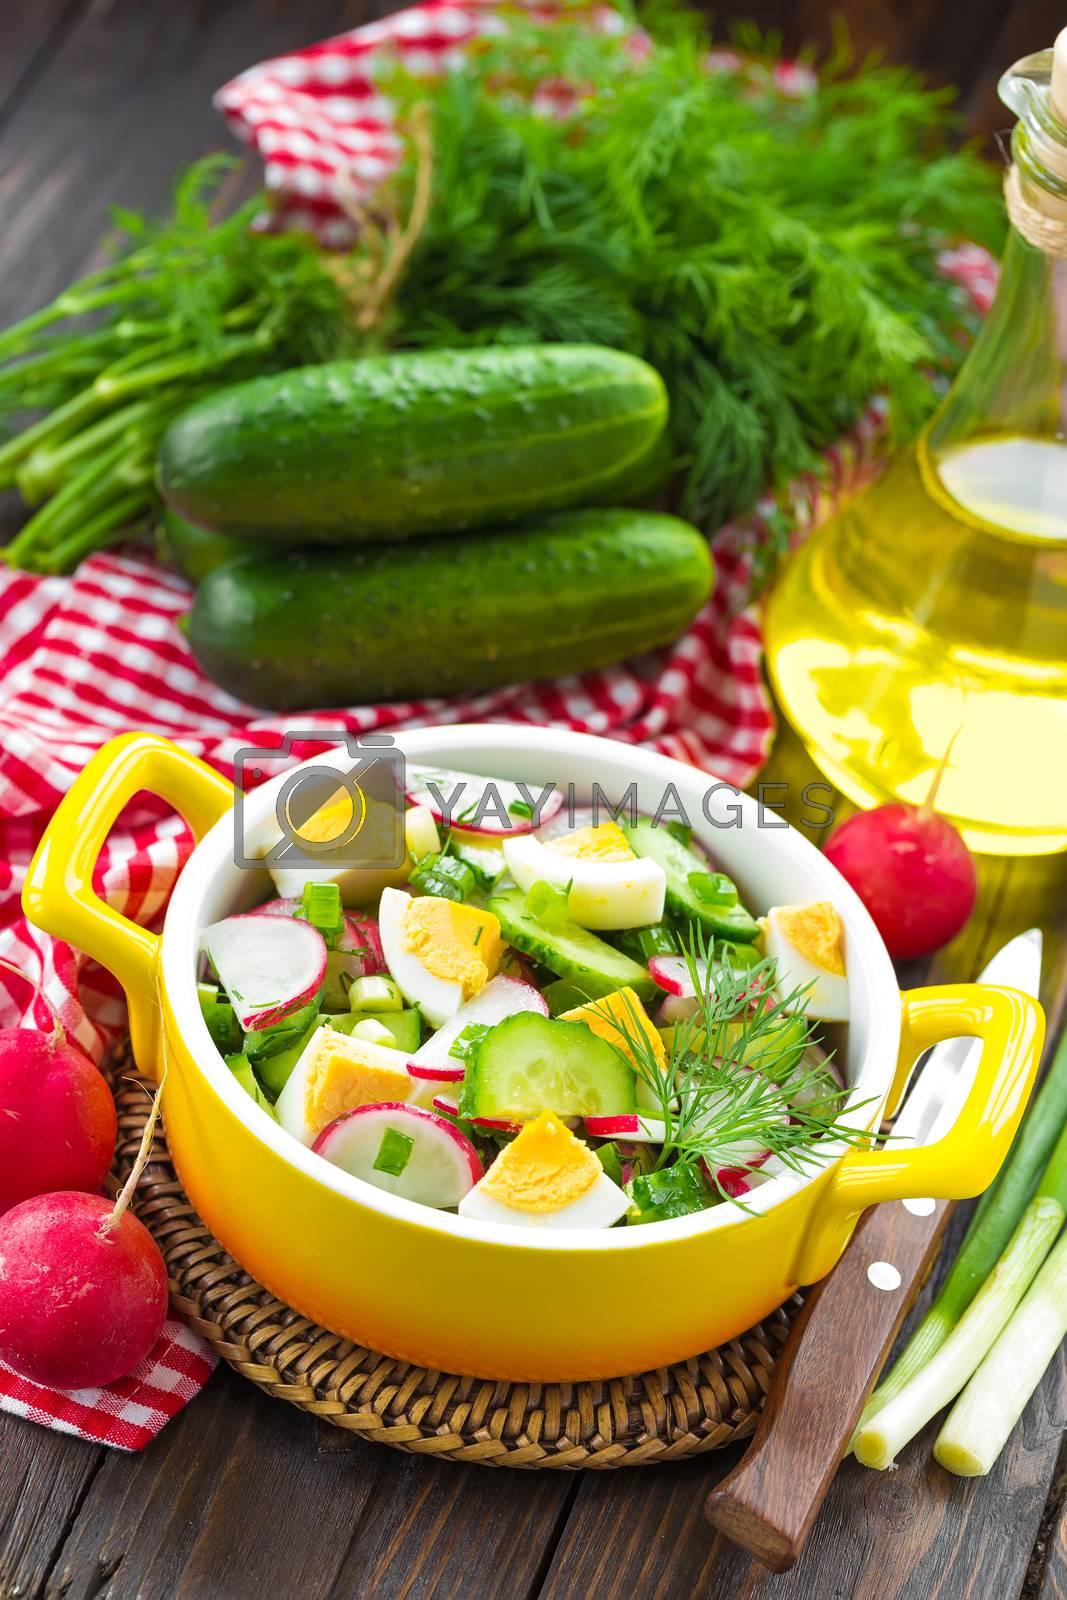 Royalty free image of Radish salad by yelenayemchuk